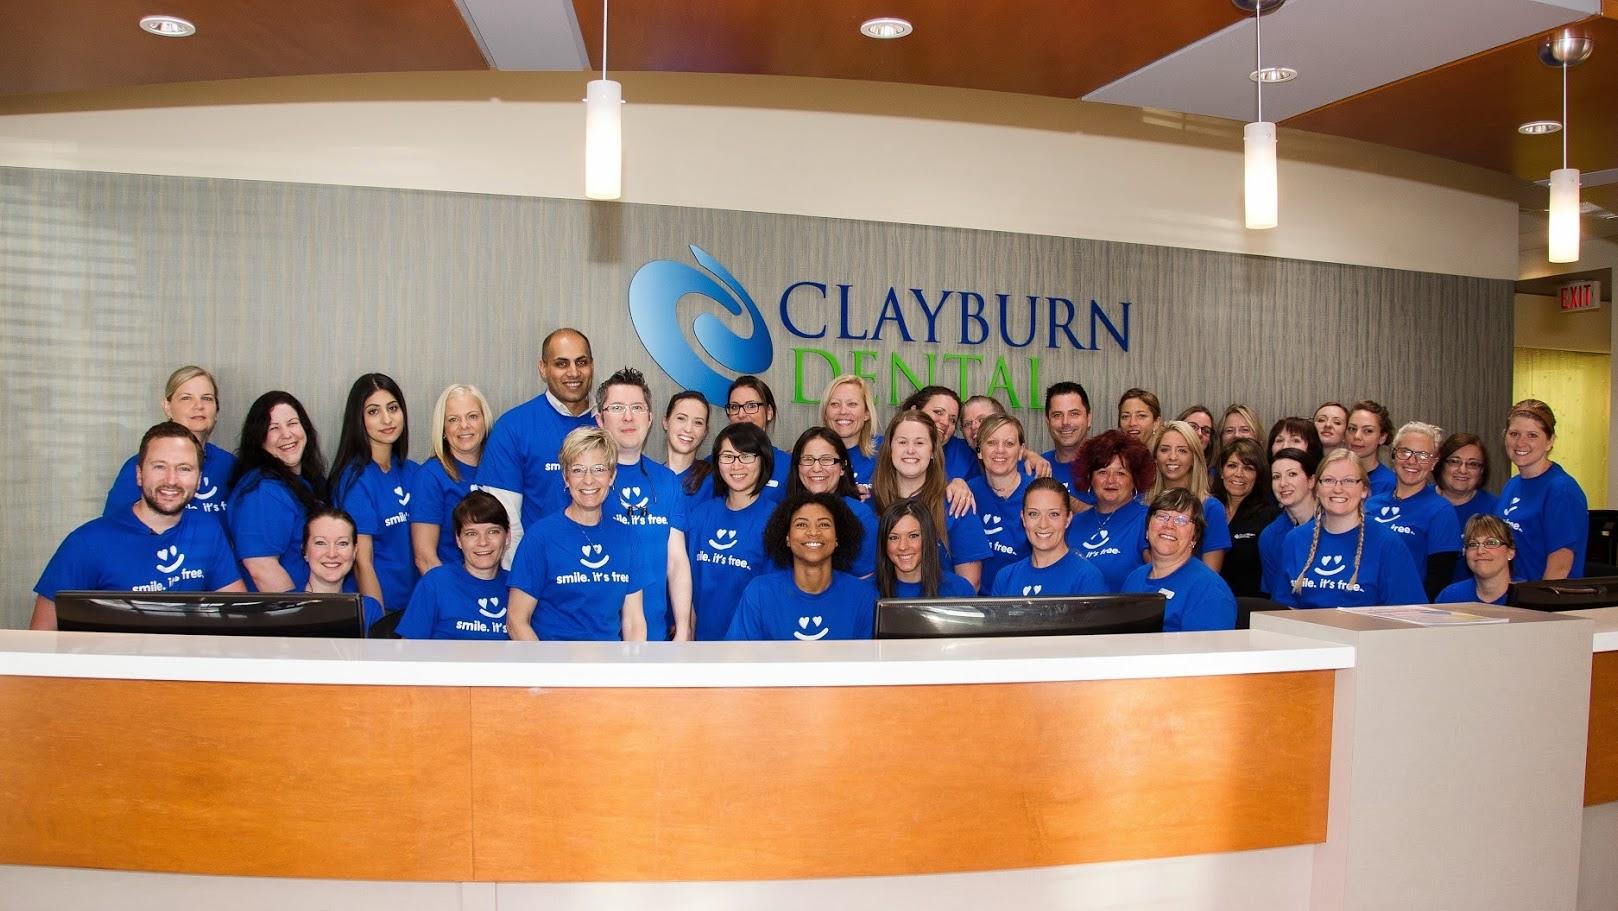 Clayburn Dental